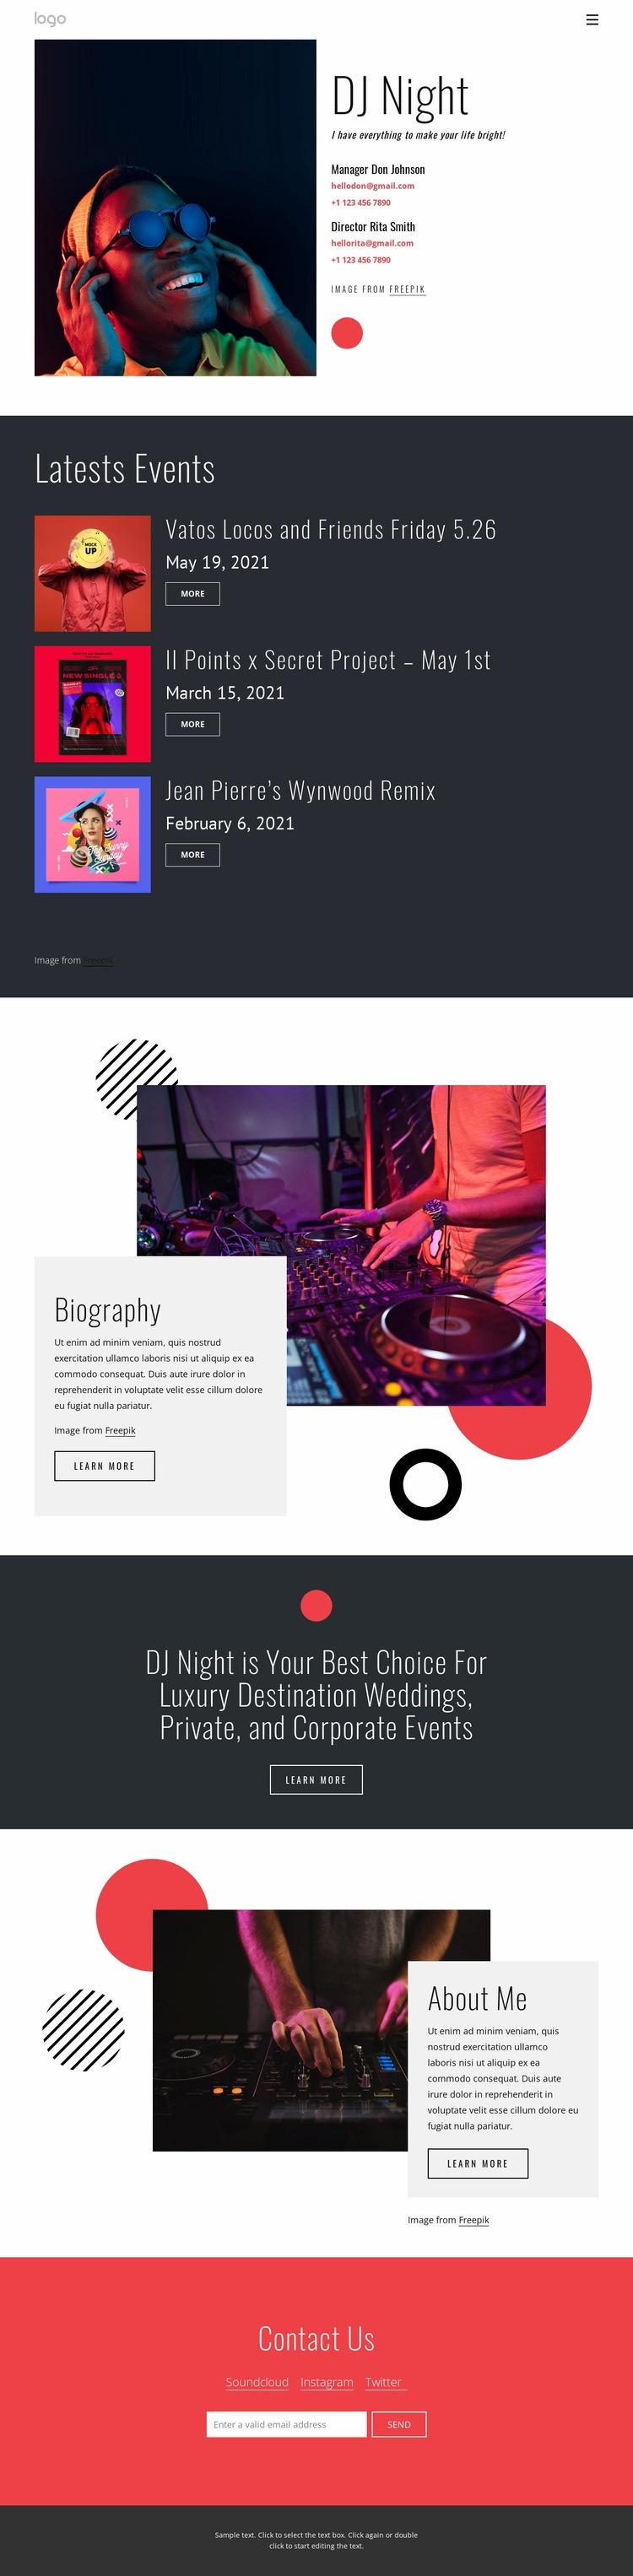 Dj night website Website Maker